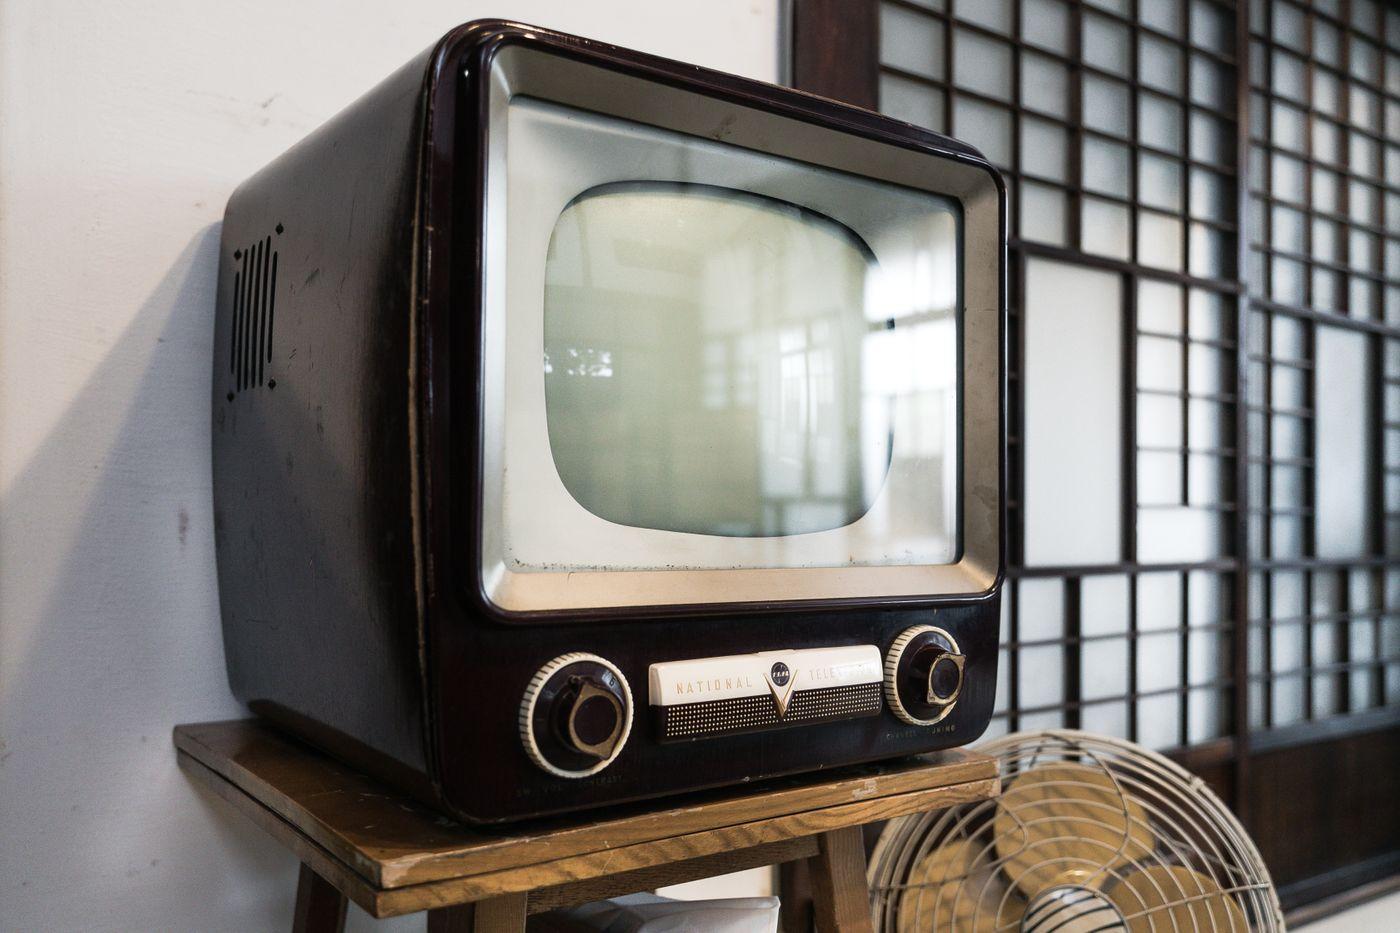 チャンネルをガチャガチャ回す古いテレビの写真